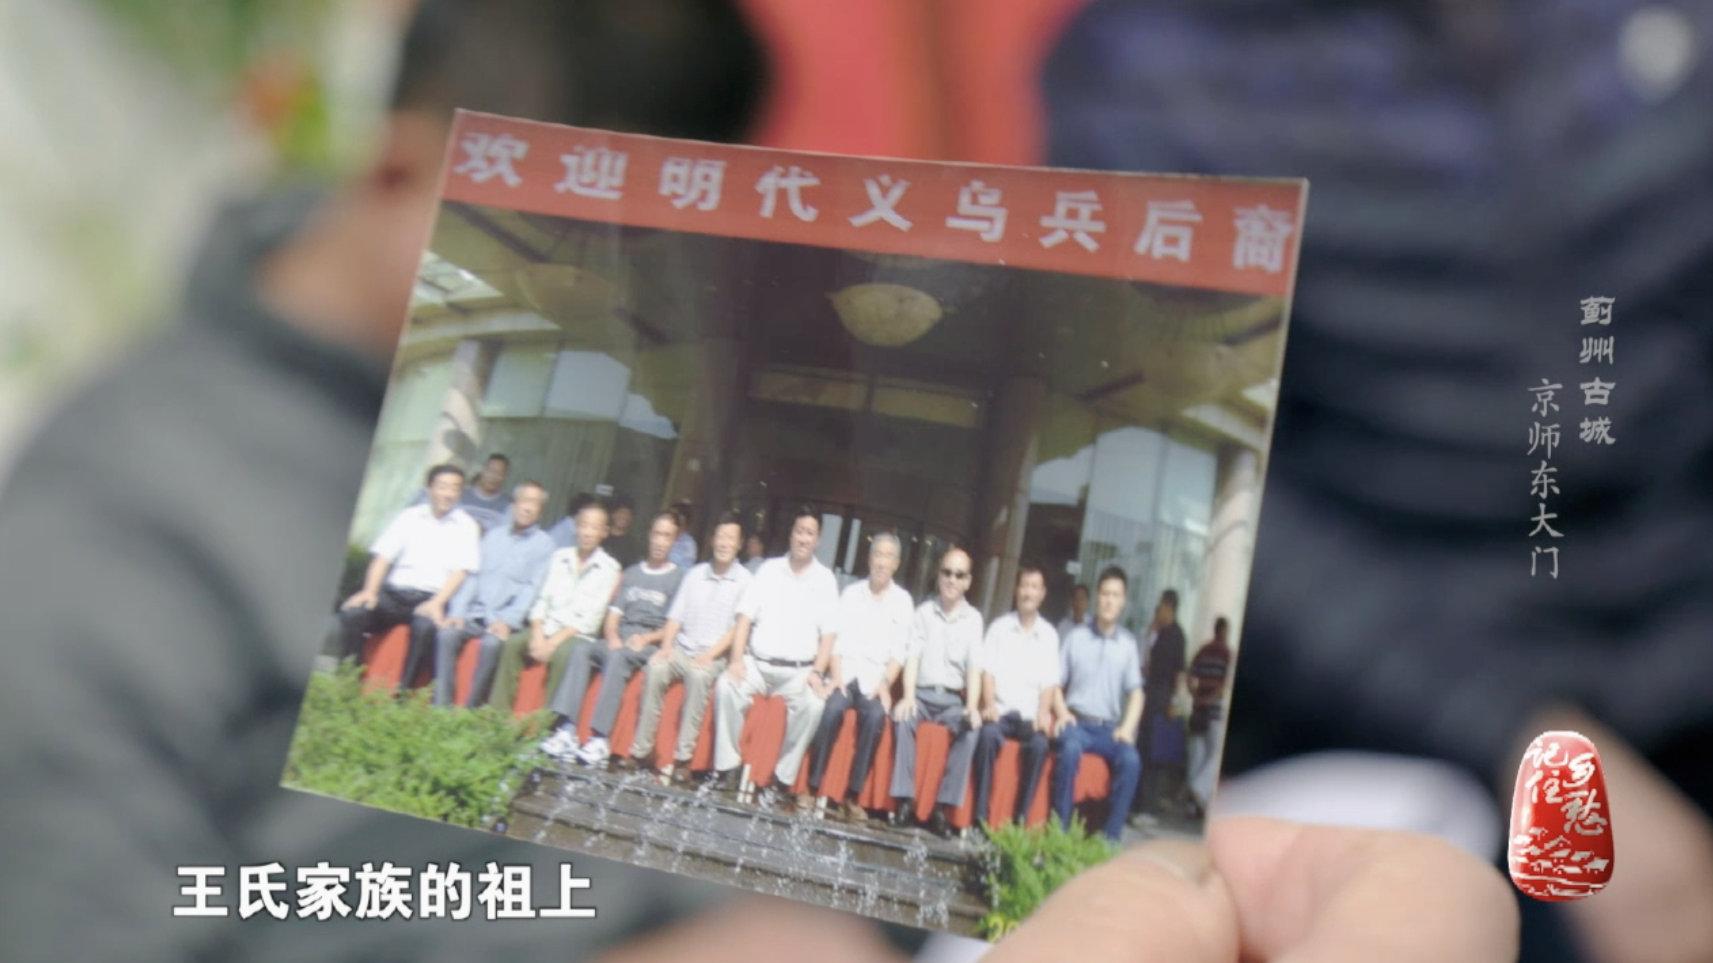 王氏家族的祖上来自浙江义乌凤林王氏